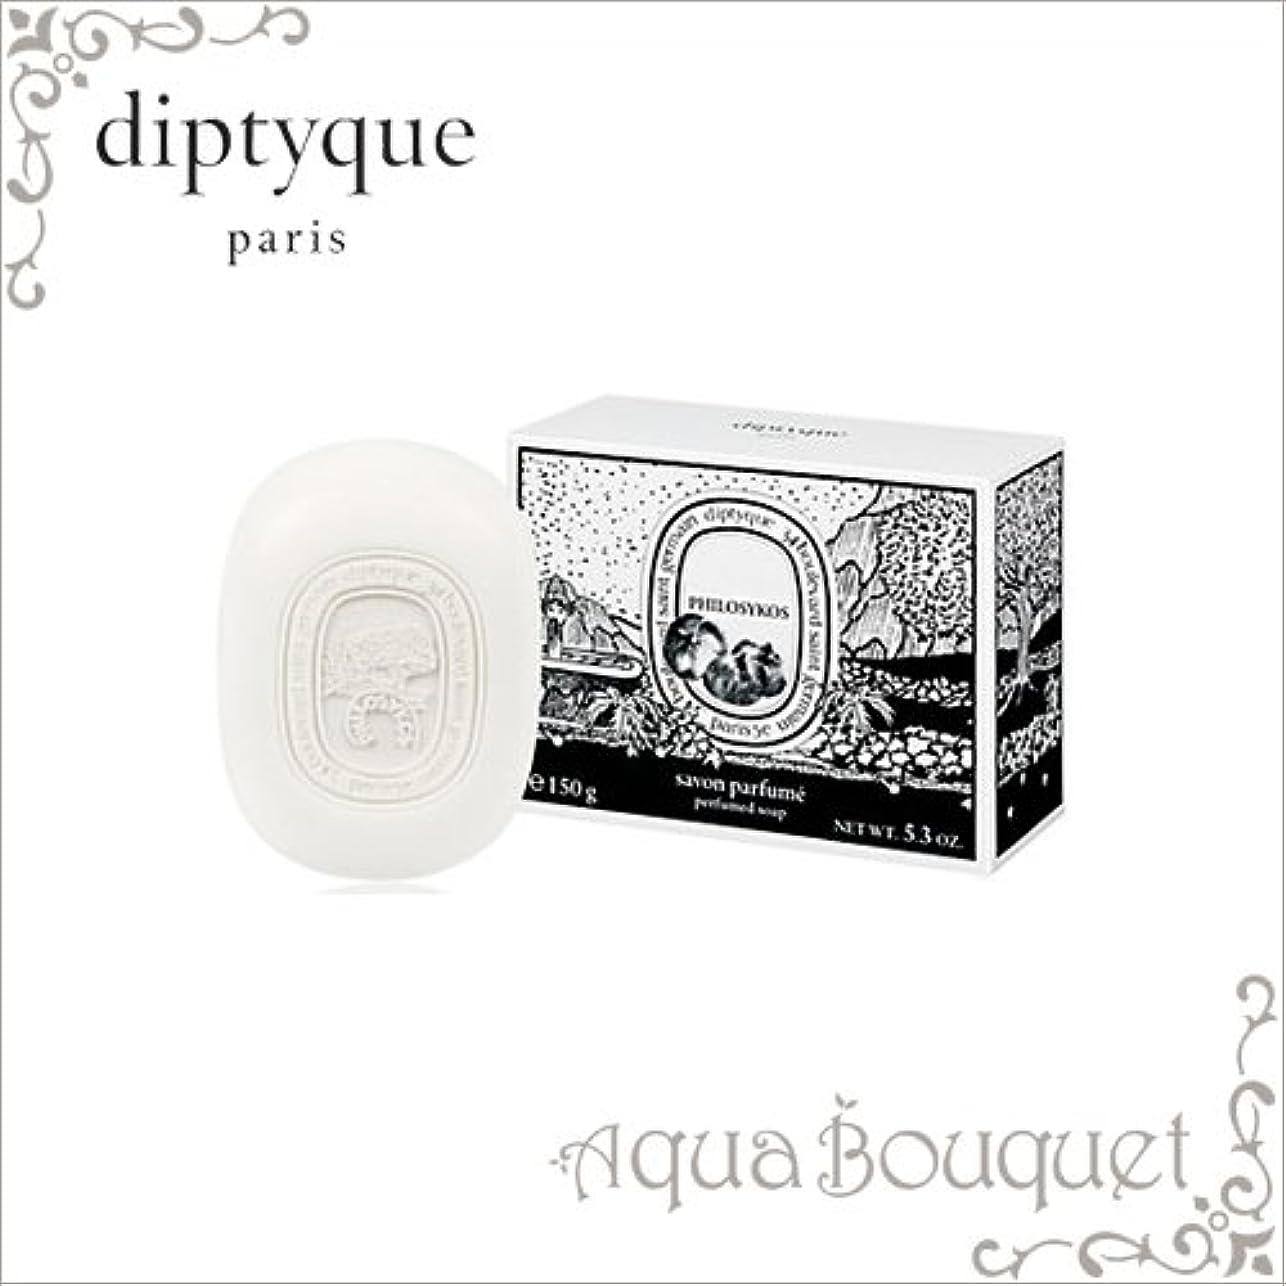 うま置換不利益ディプティック フィロシコス ソープ 150g DIPTYQUE PHILOSYKOS SOAP